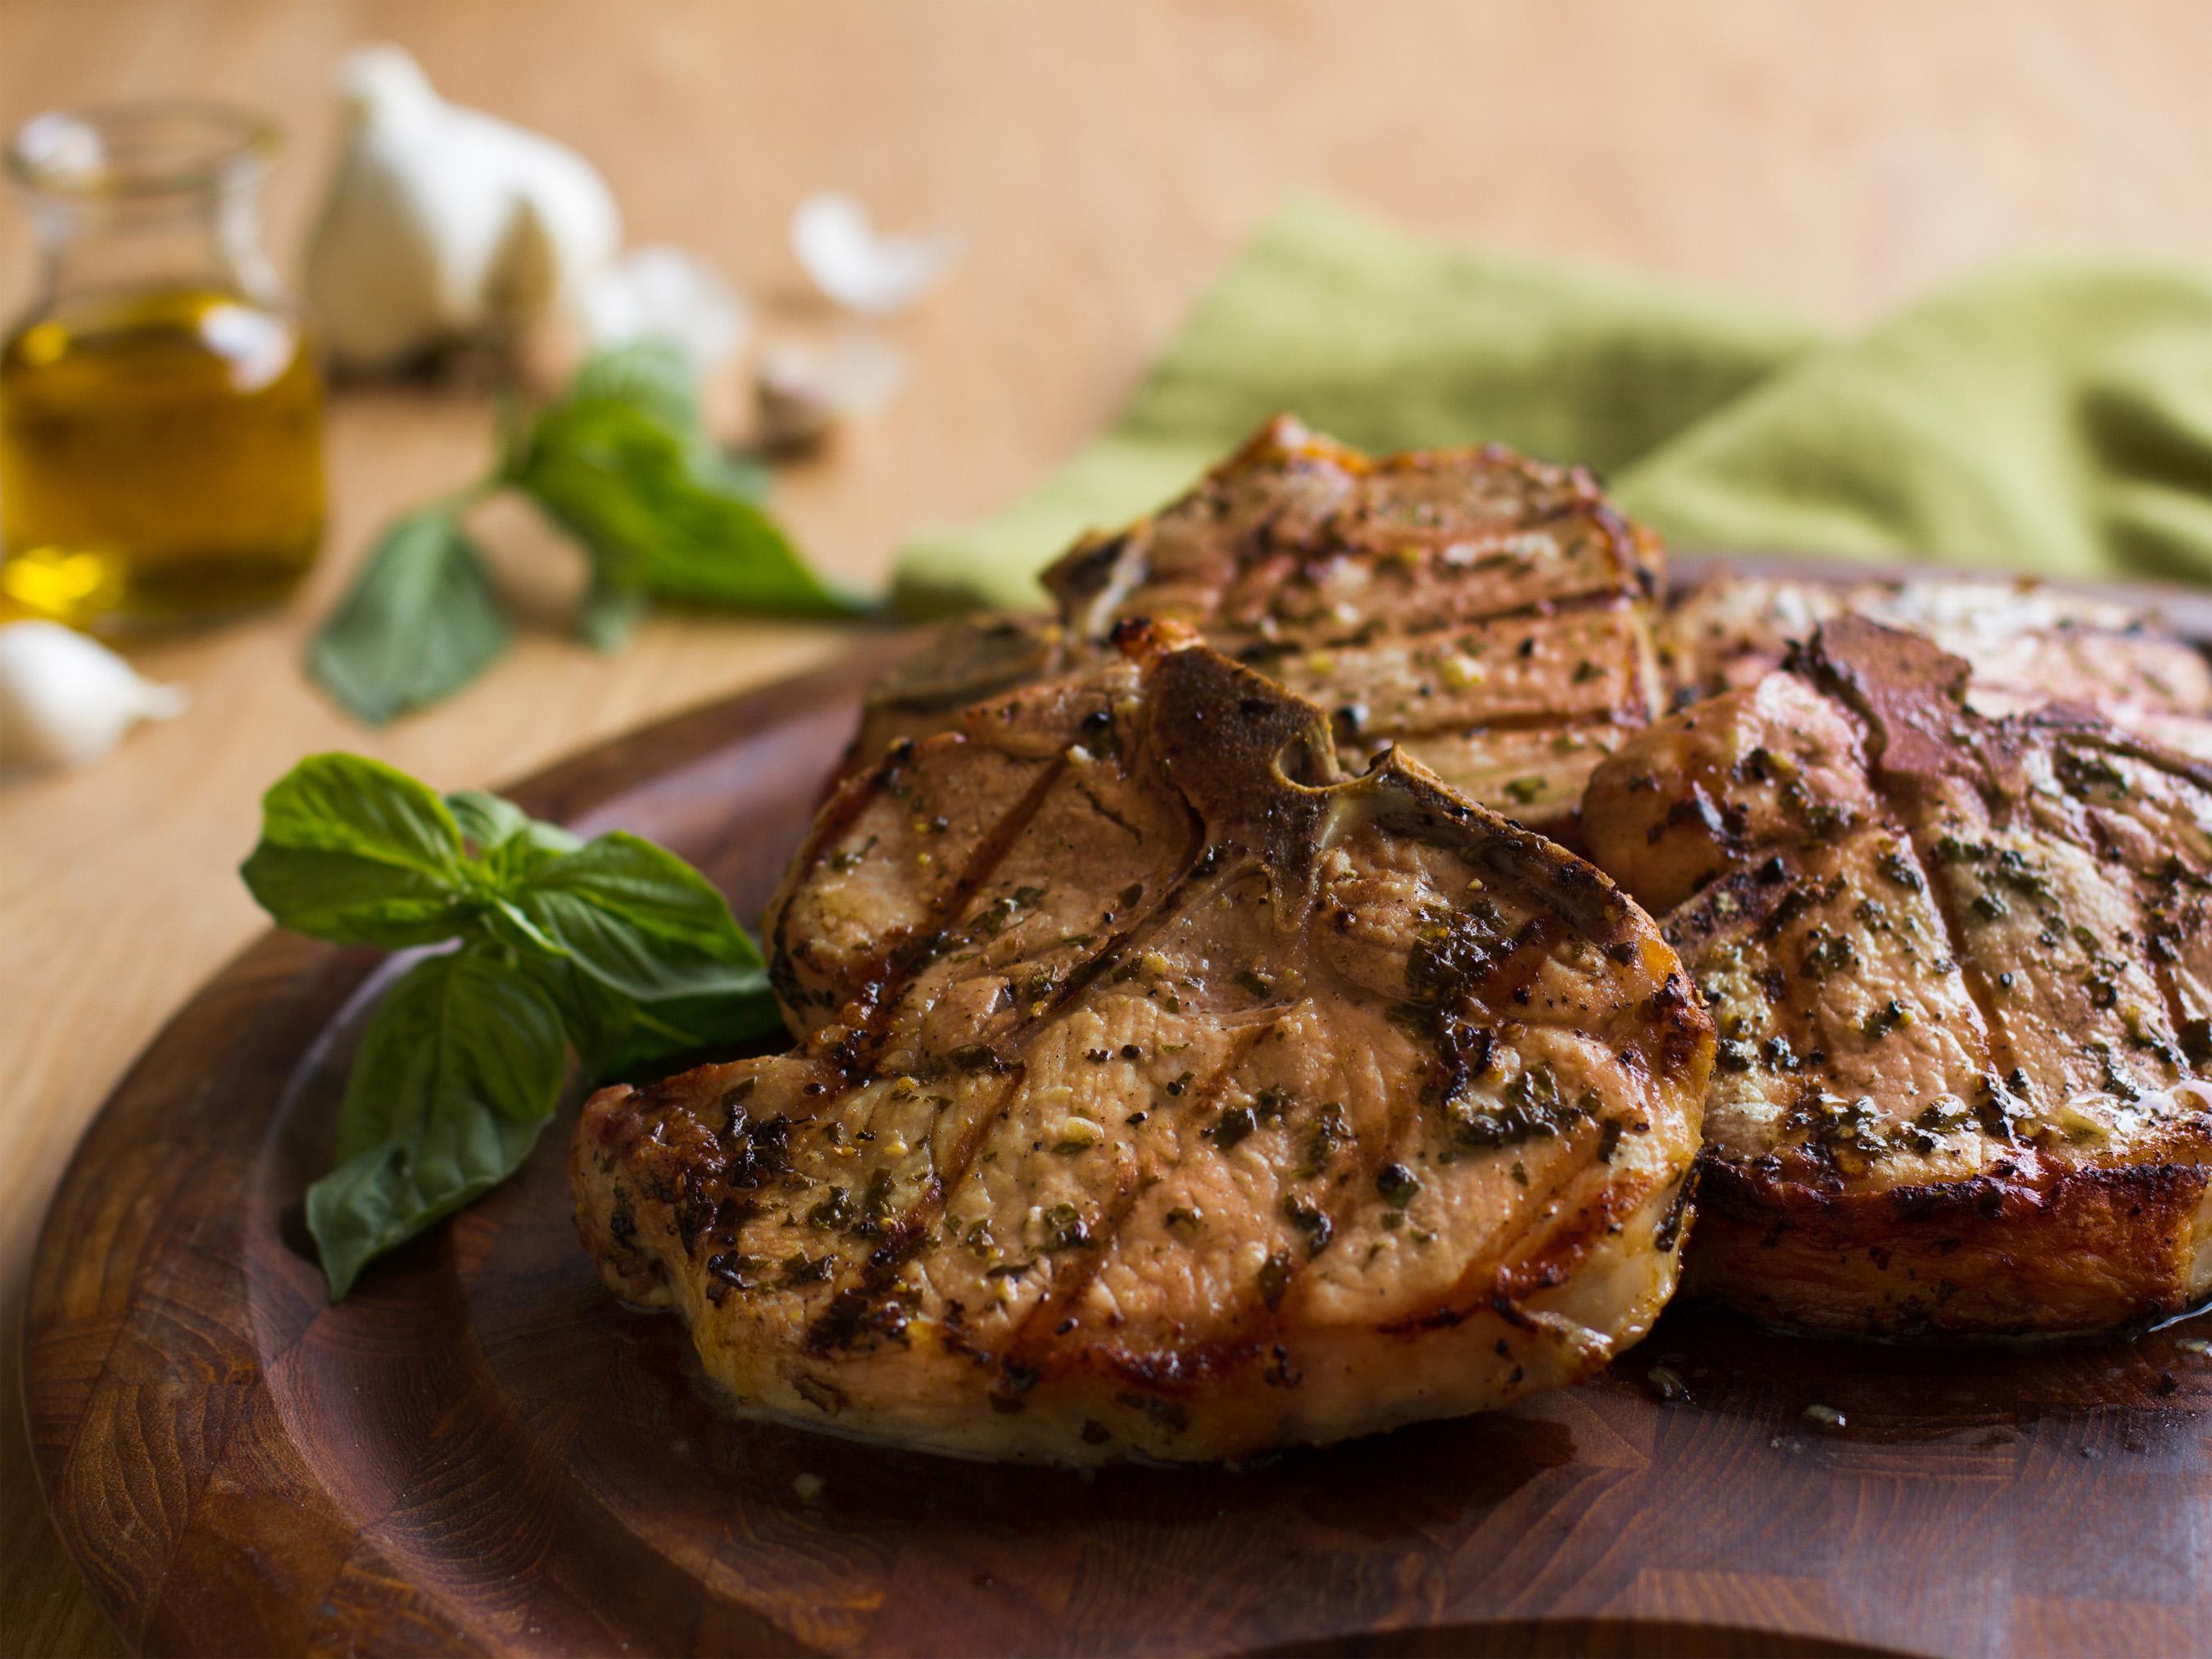 ... steak porterhouse porterhouse steaks grilled aged porterhouse steak